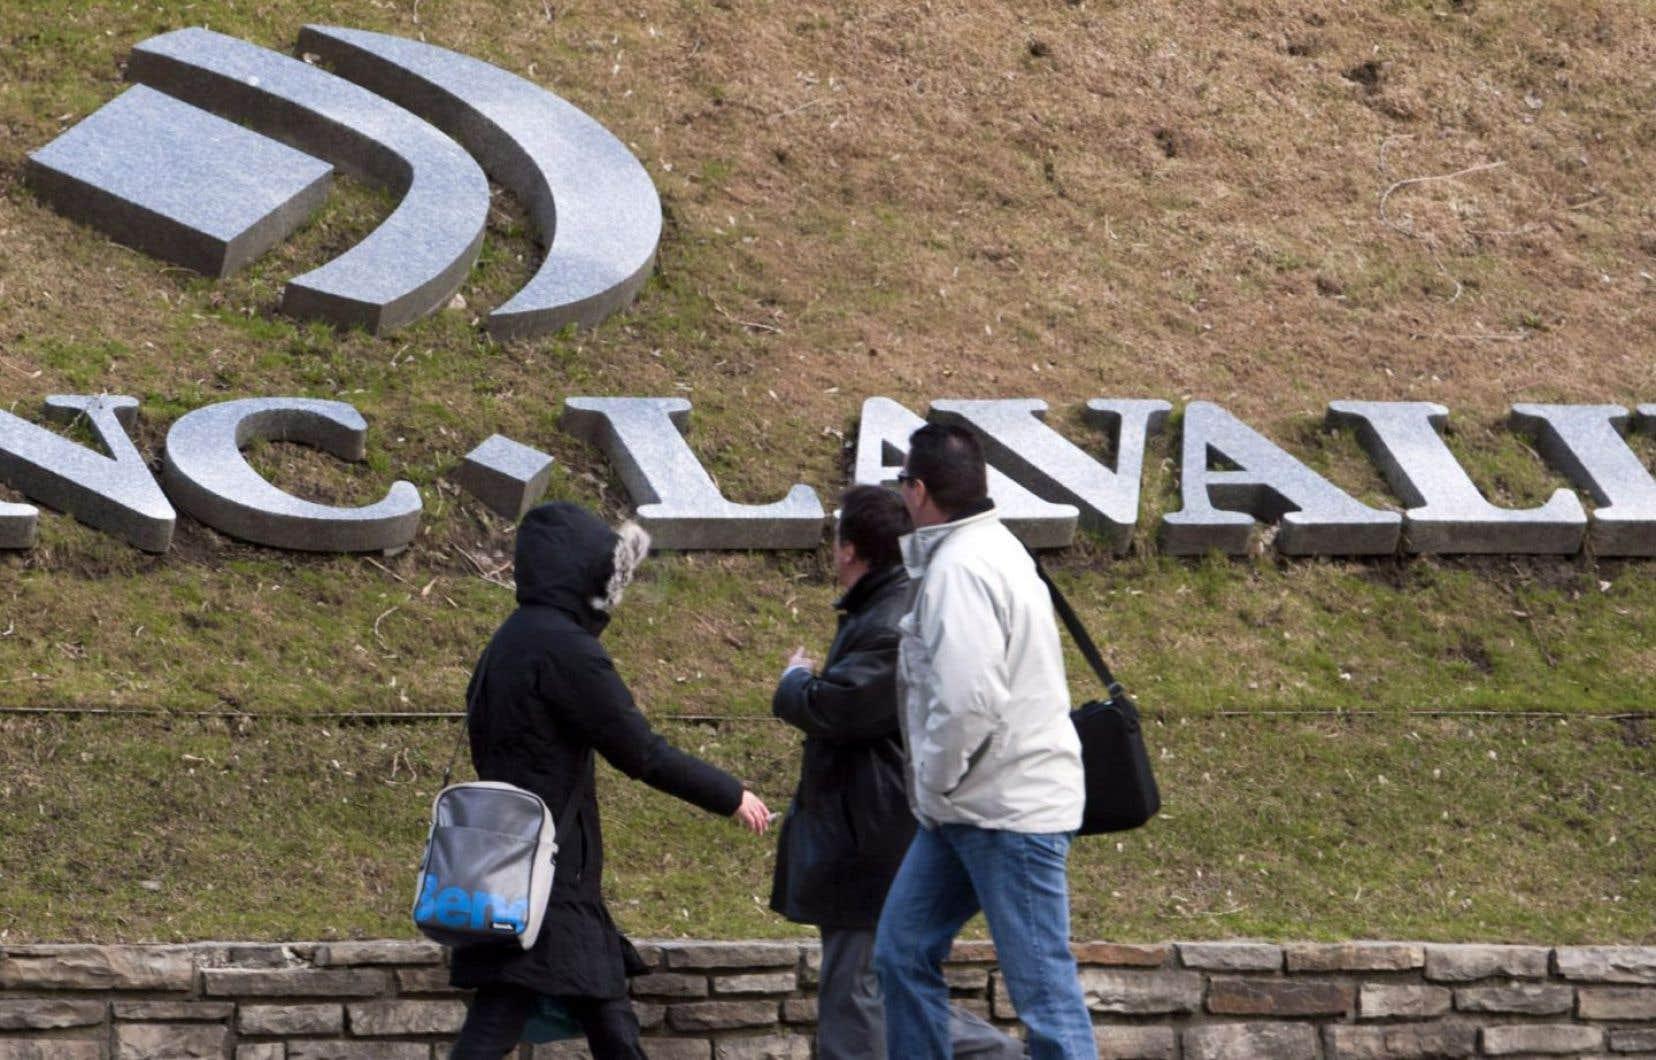 À l'échelle nationale, c'est près de 600 personnes qui ont été licenciées par la multinationale.